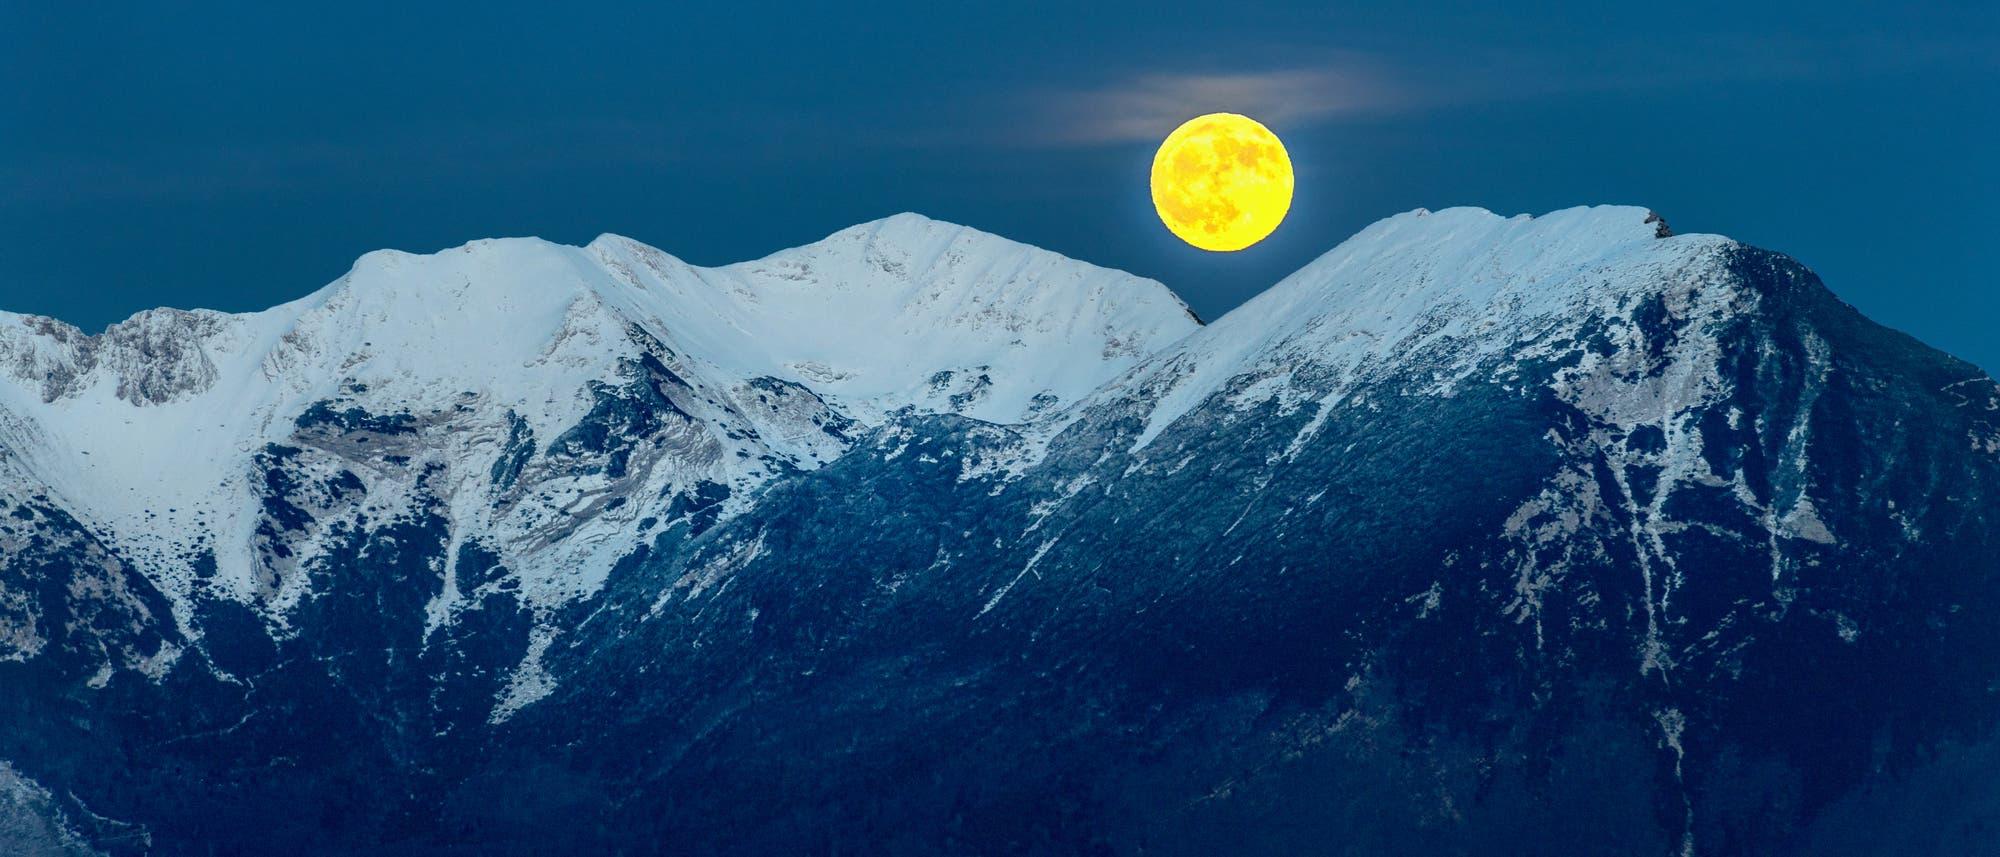 Der vollmond geht über einem schneebedeckten Berggrat auf.